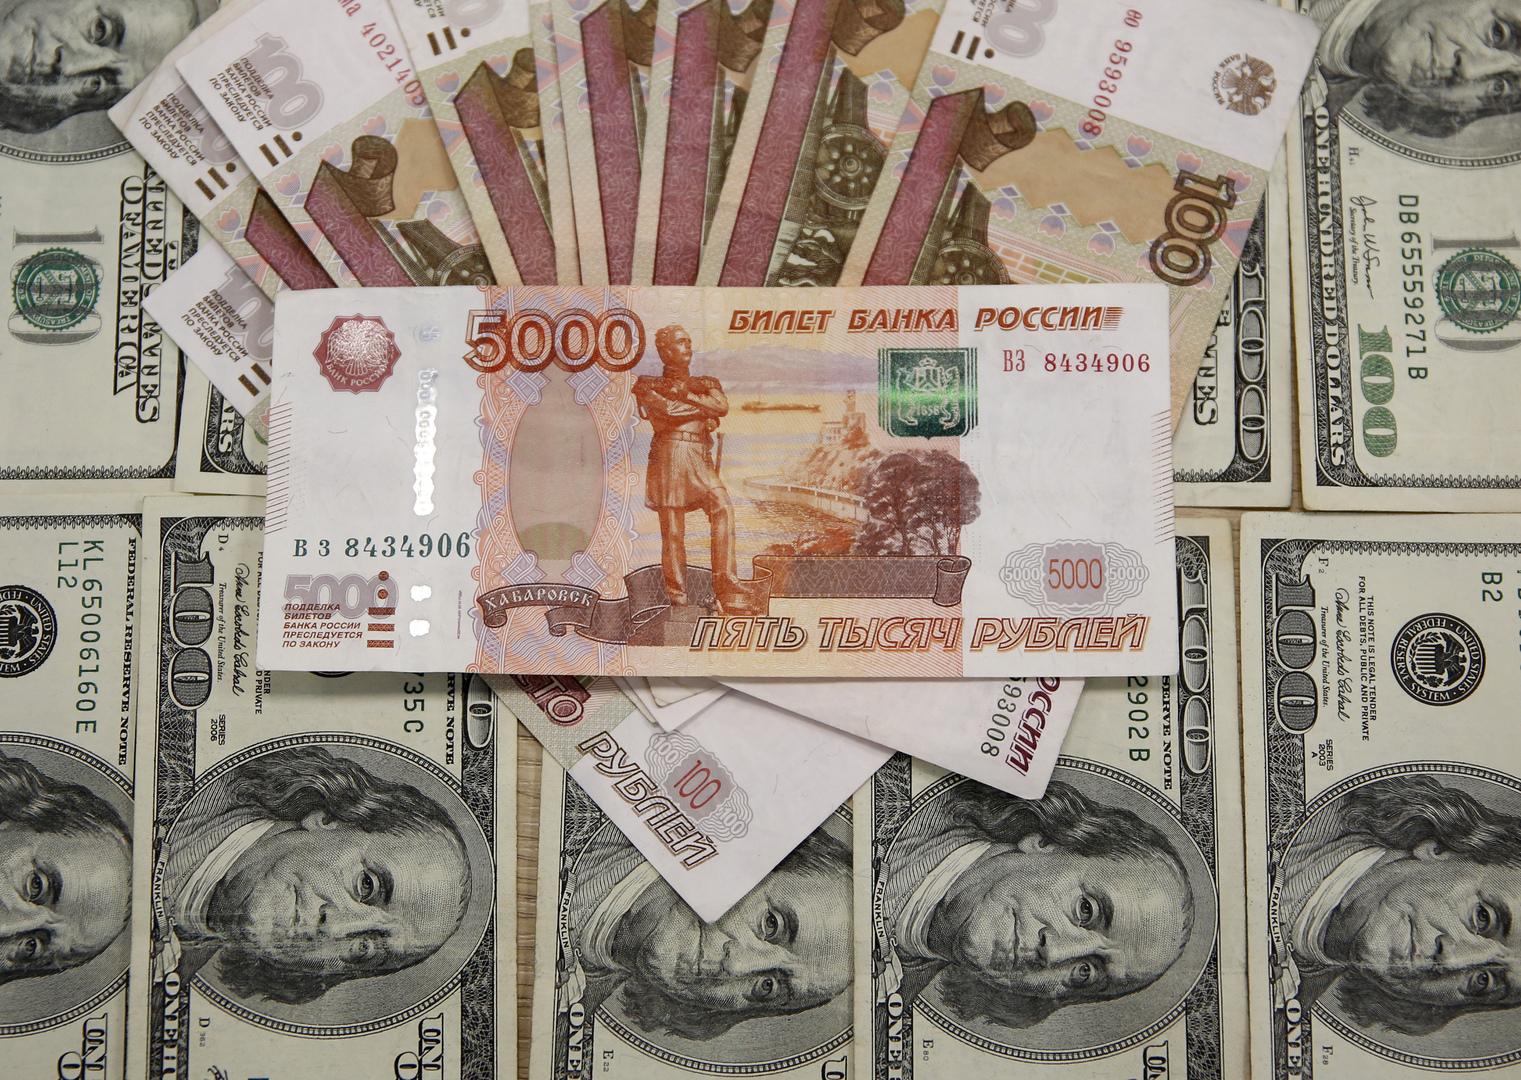 عملات روبل روسي على خلفية عملات دولار أمريكي